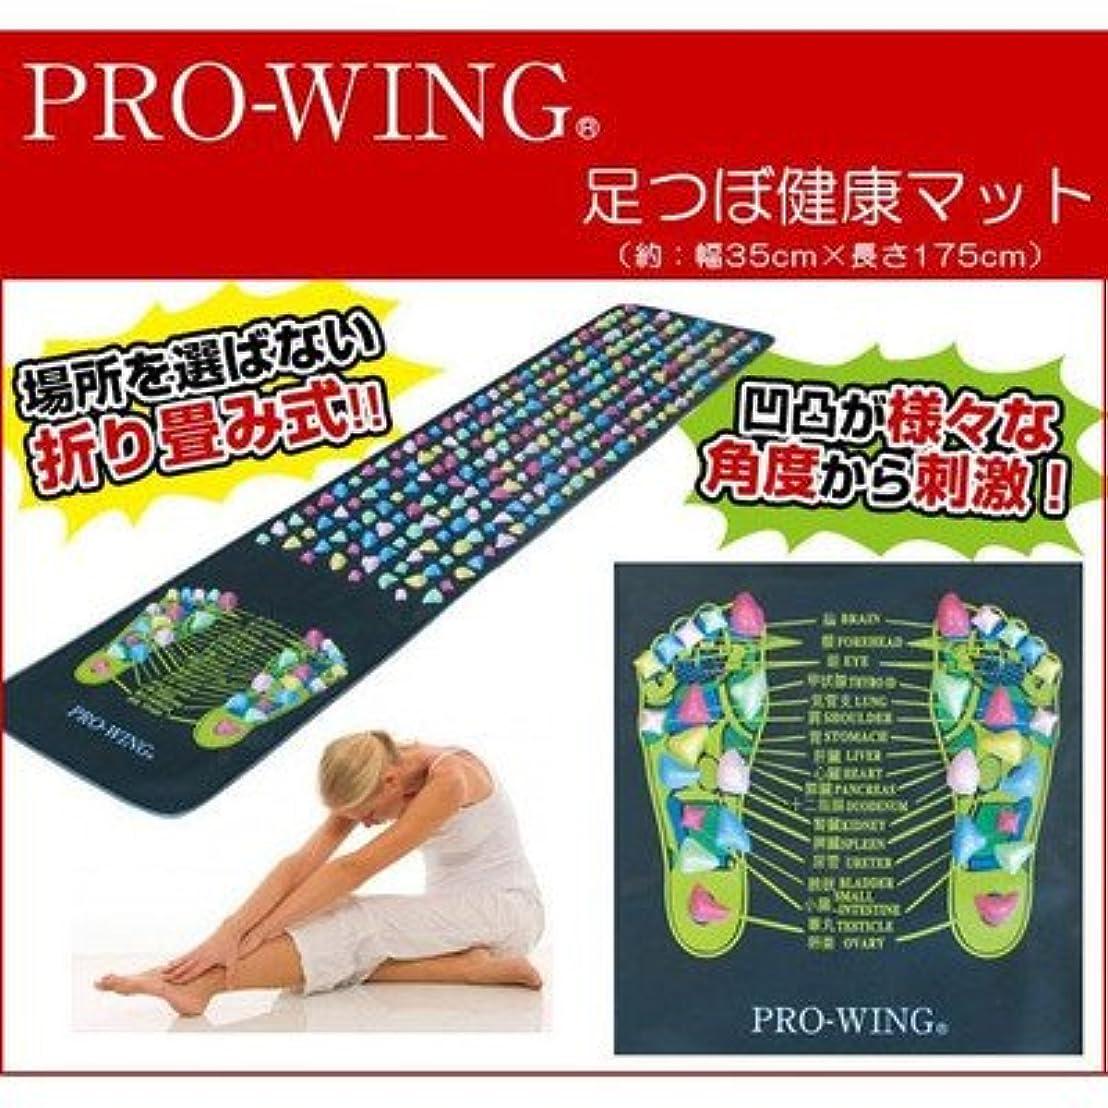 変な苦いの前でカラフルで可愛らしい凹凸が様々な角度から刺激 PRO-WING プロウィング 足つぼ健康マット PWF-1001